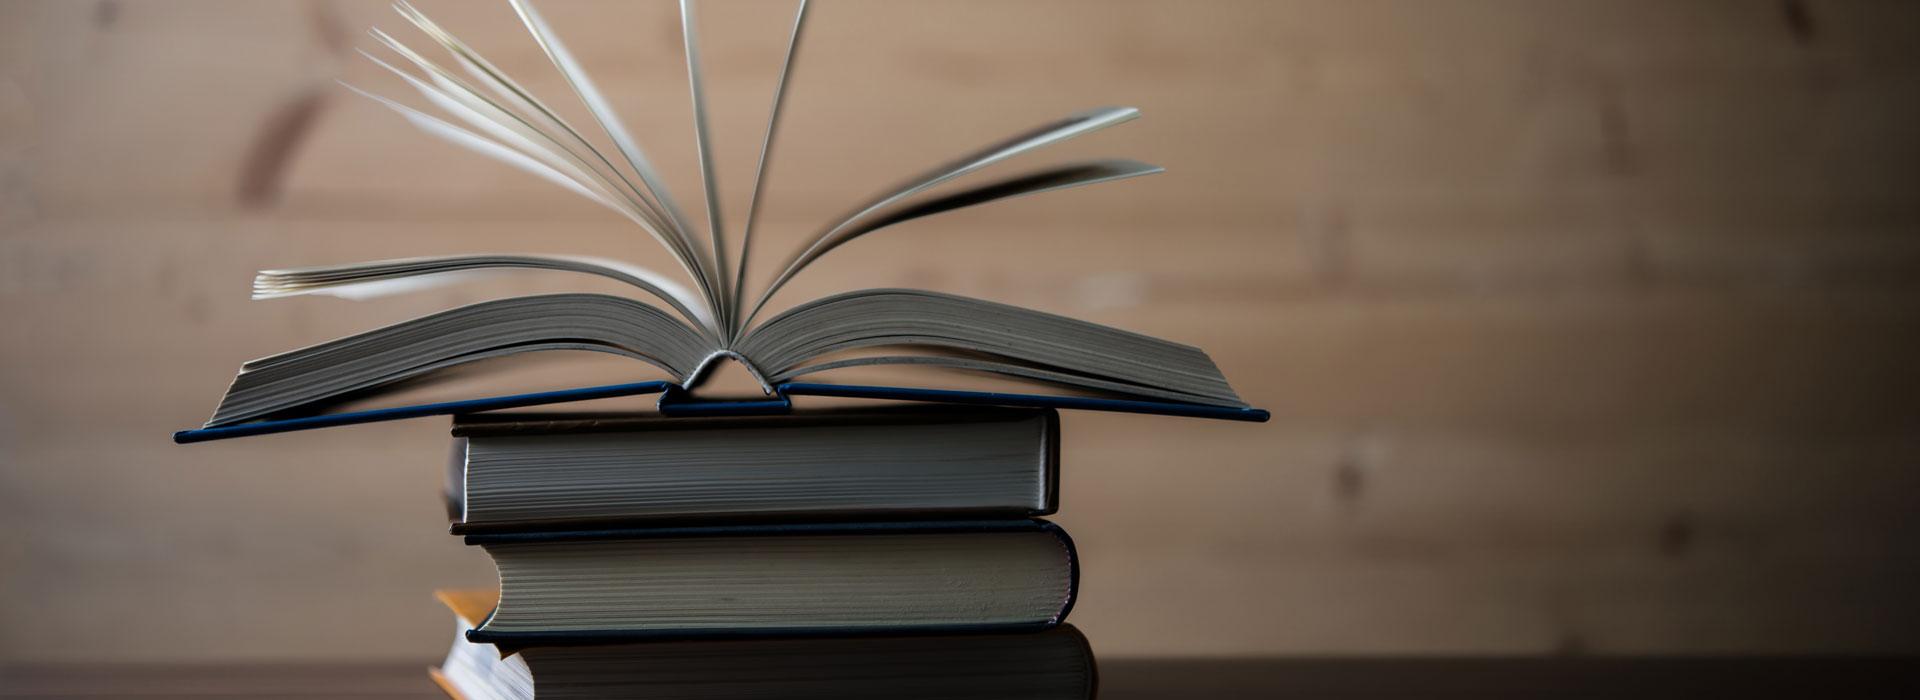 Печать книг твердый и мягкий переплёт от одного экземпляра